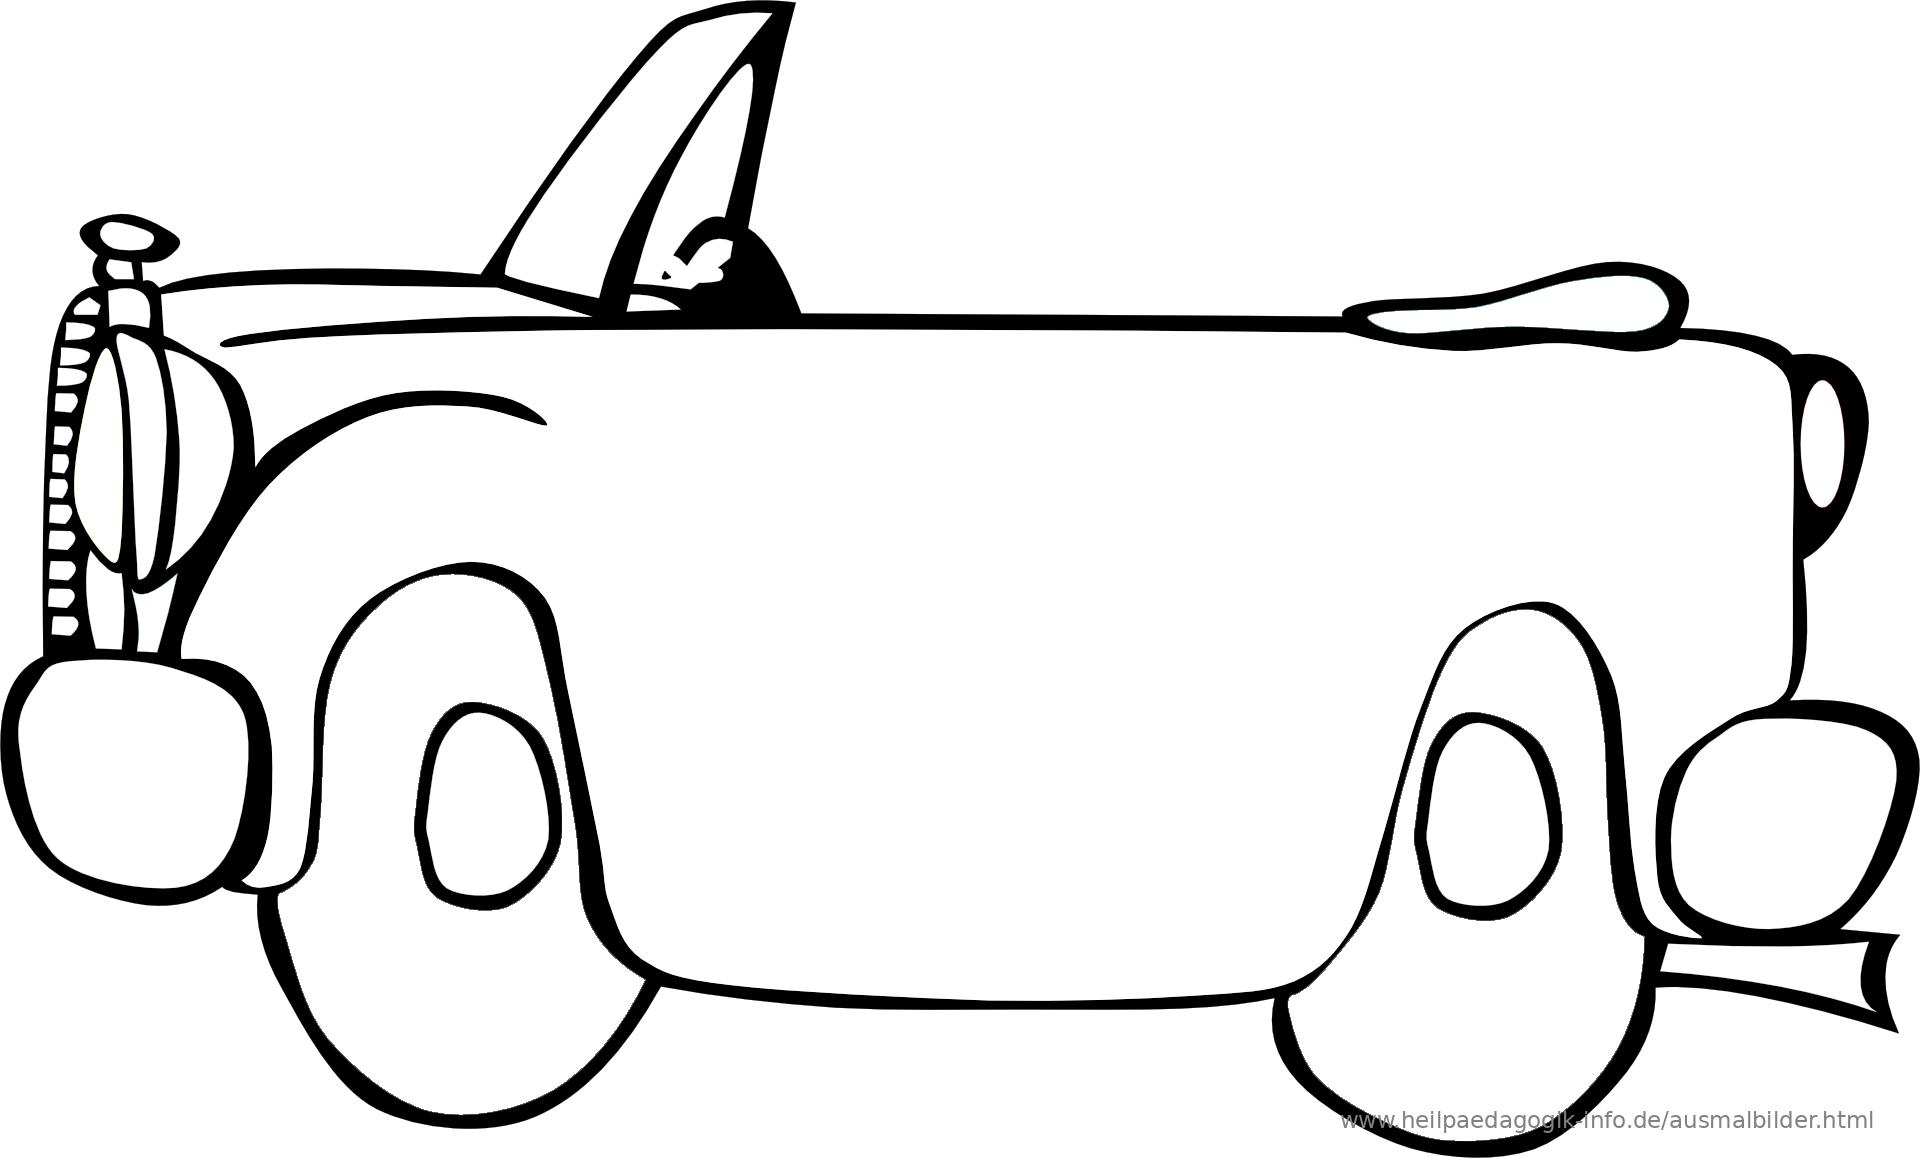 Ausmalbilder Autos - Malvorlagen Kostenlos zum Ausdrucken